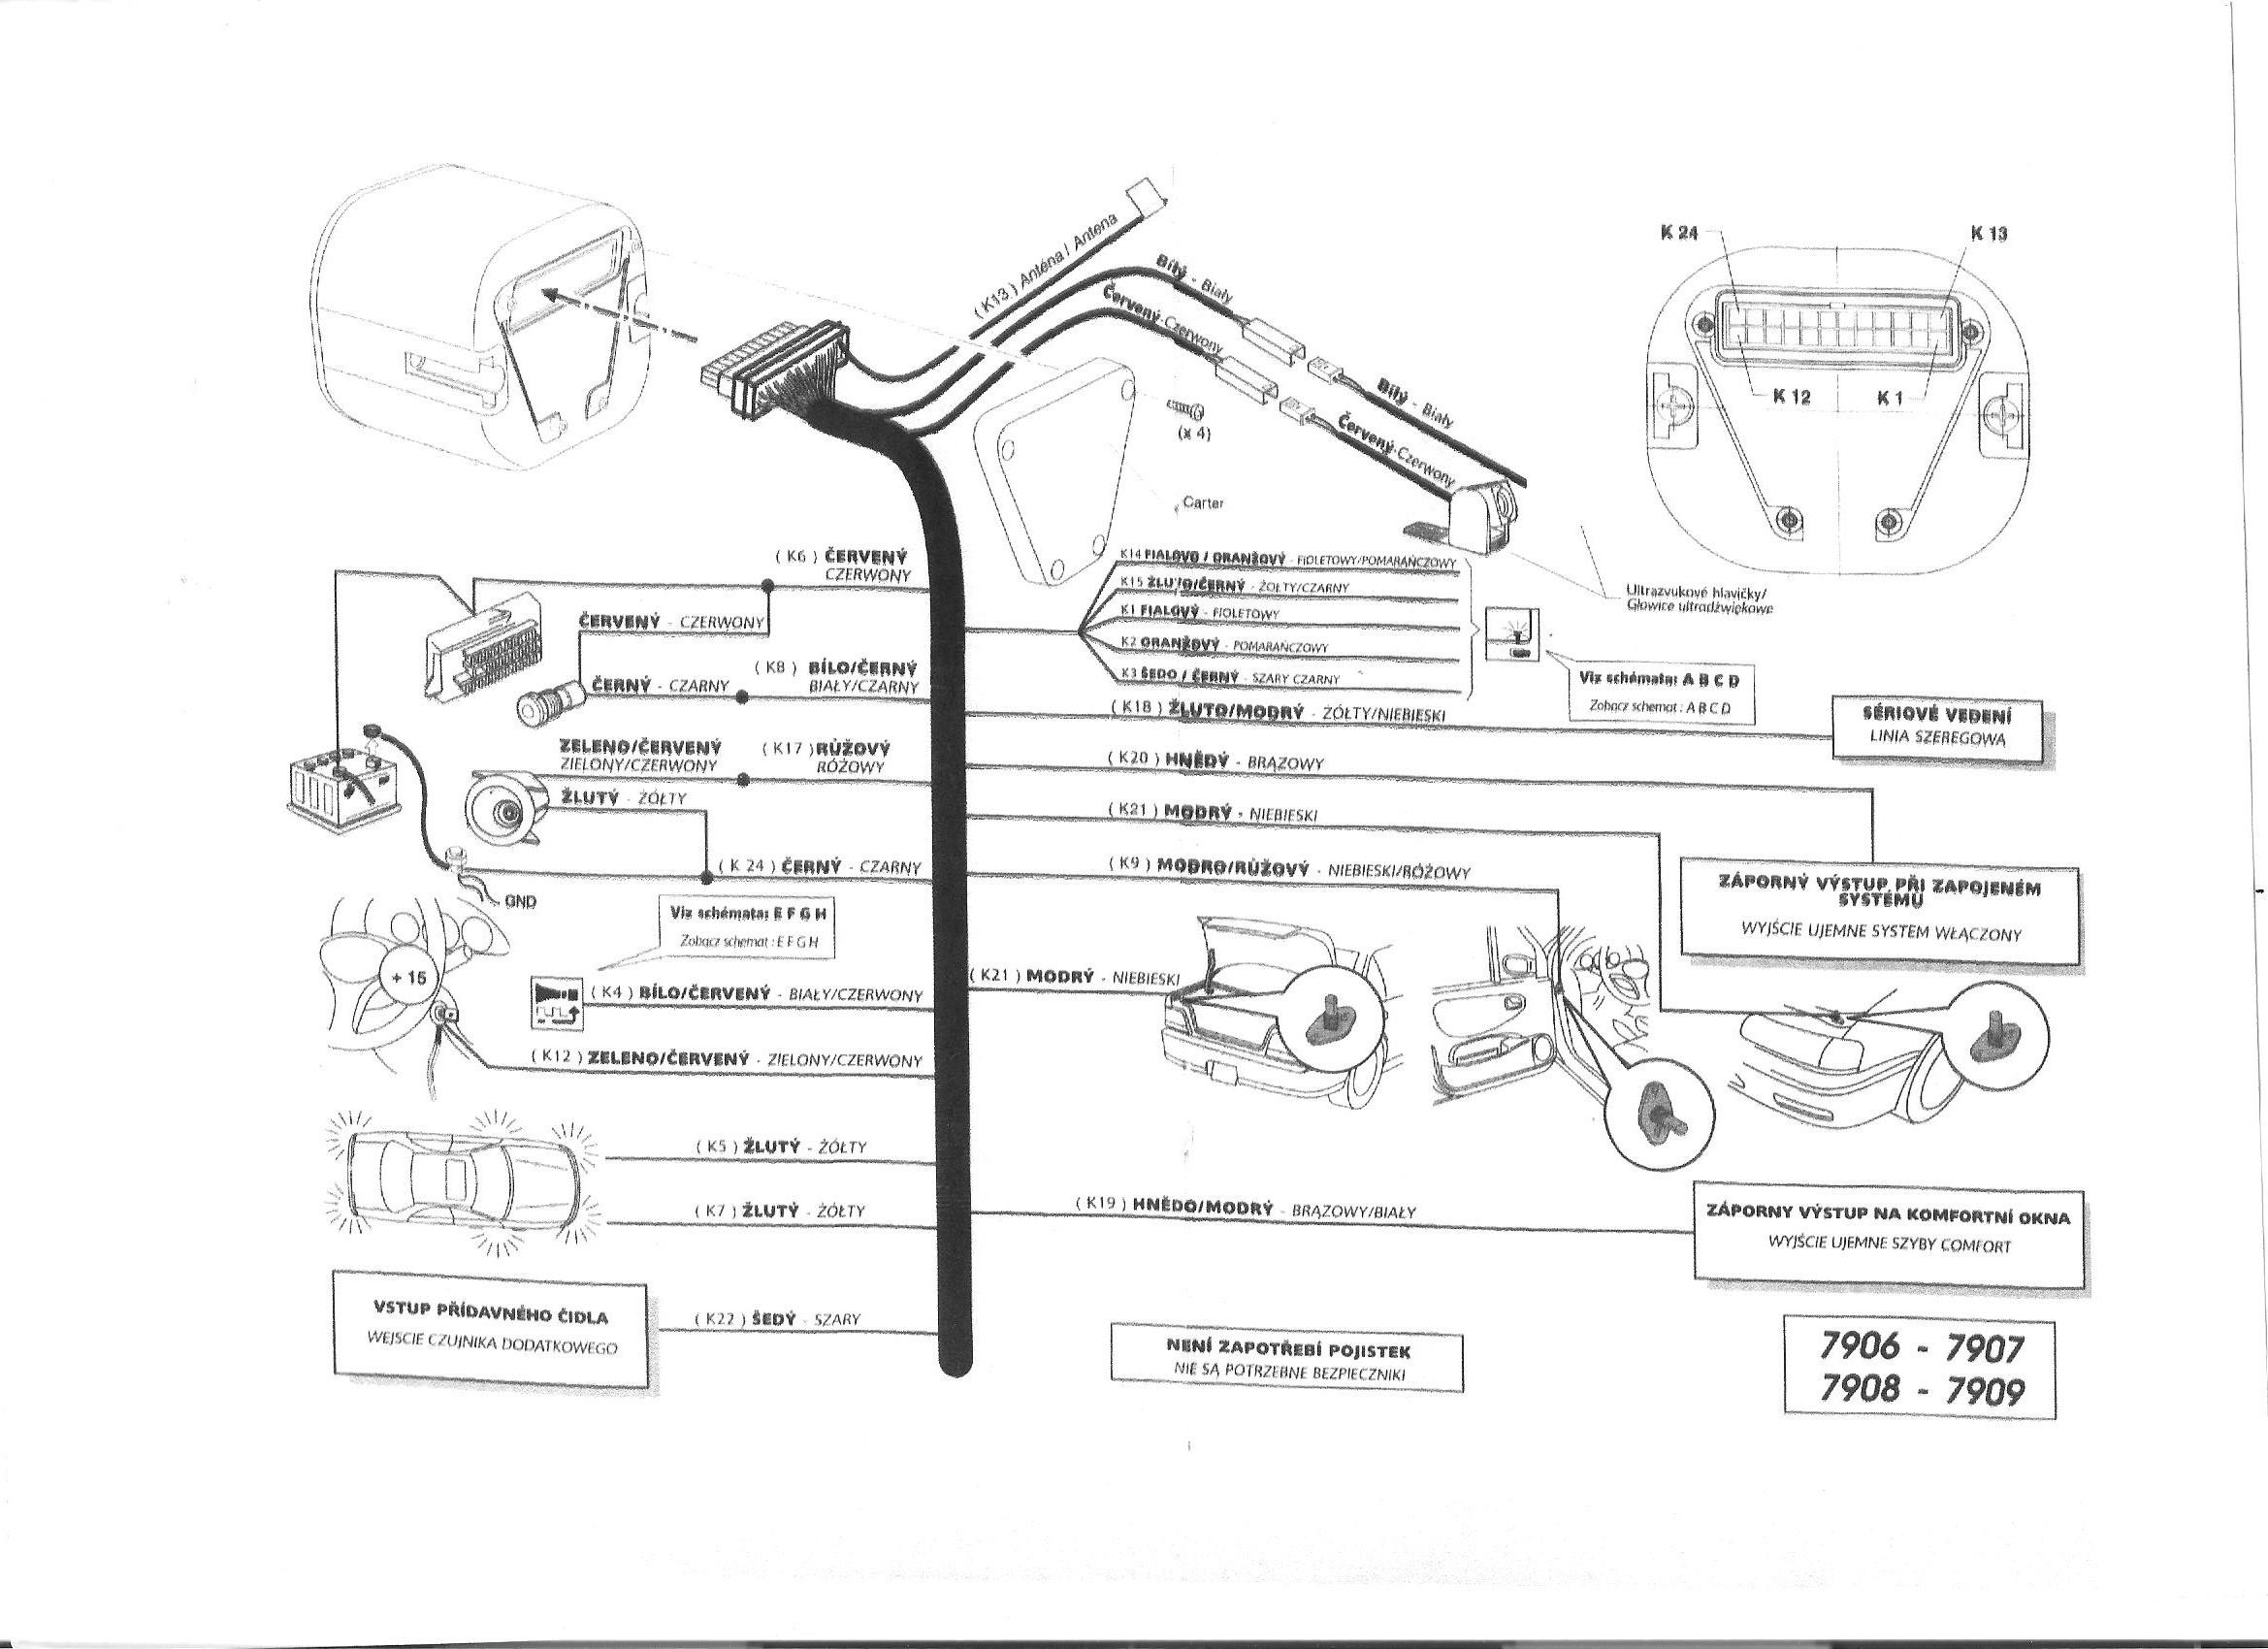 Renault Clio II, alarm COBRA 7905, opis schematu alarmu